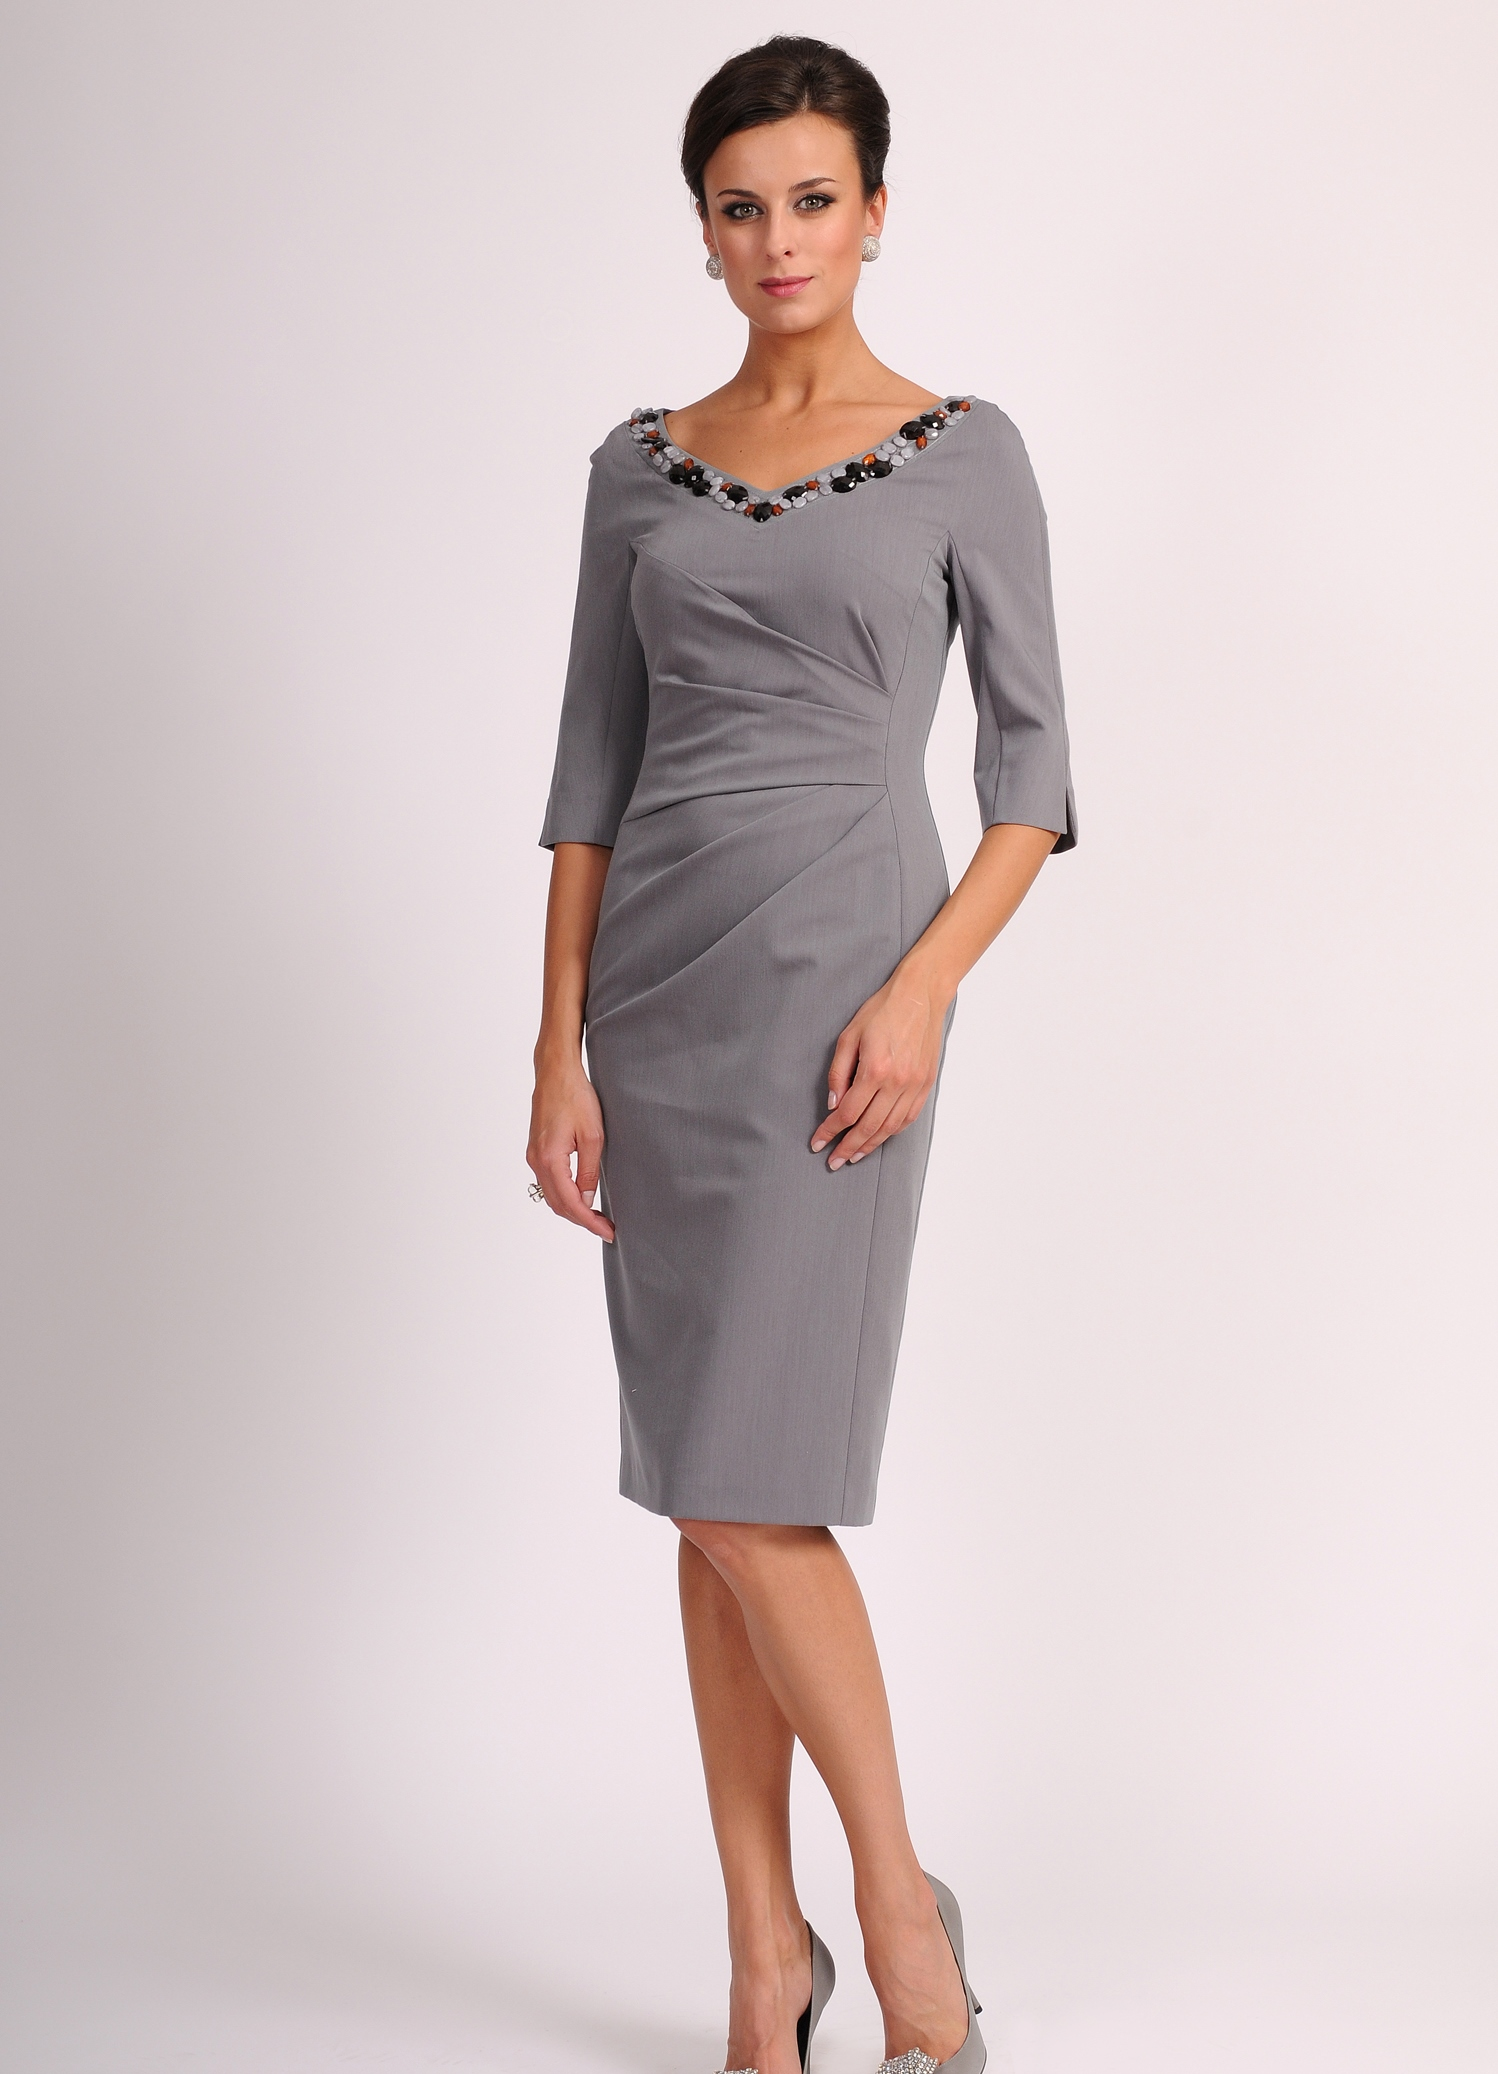 Элегантные платья для женщины 50 лет